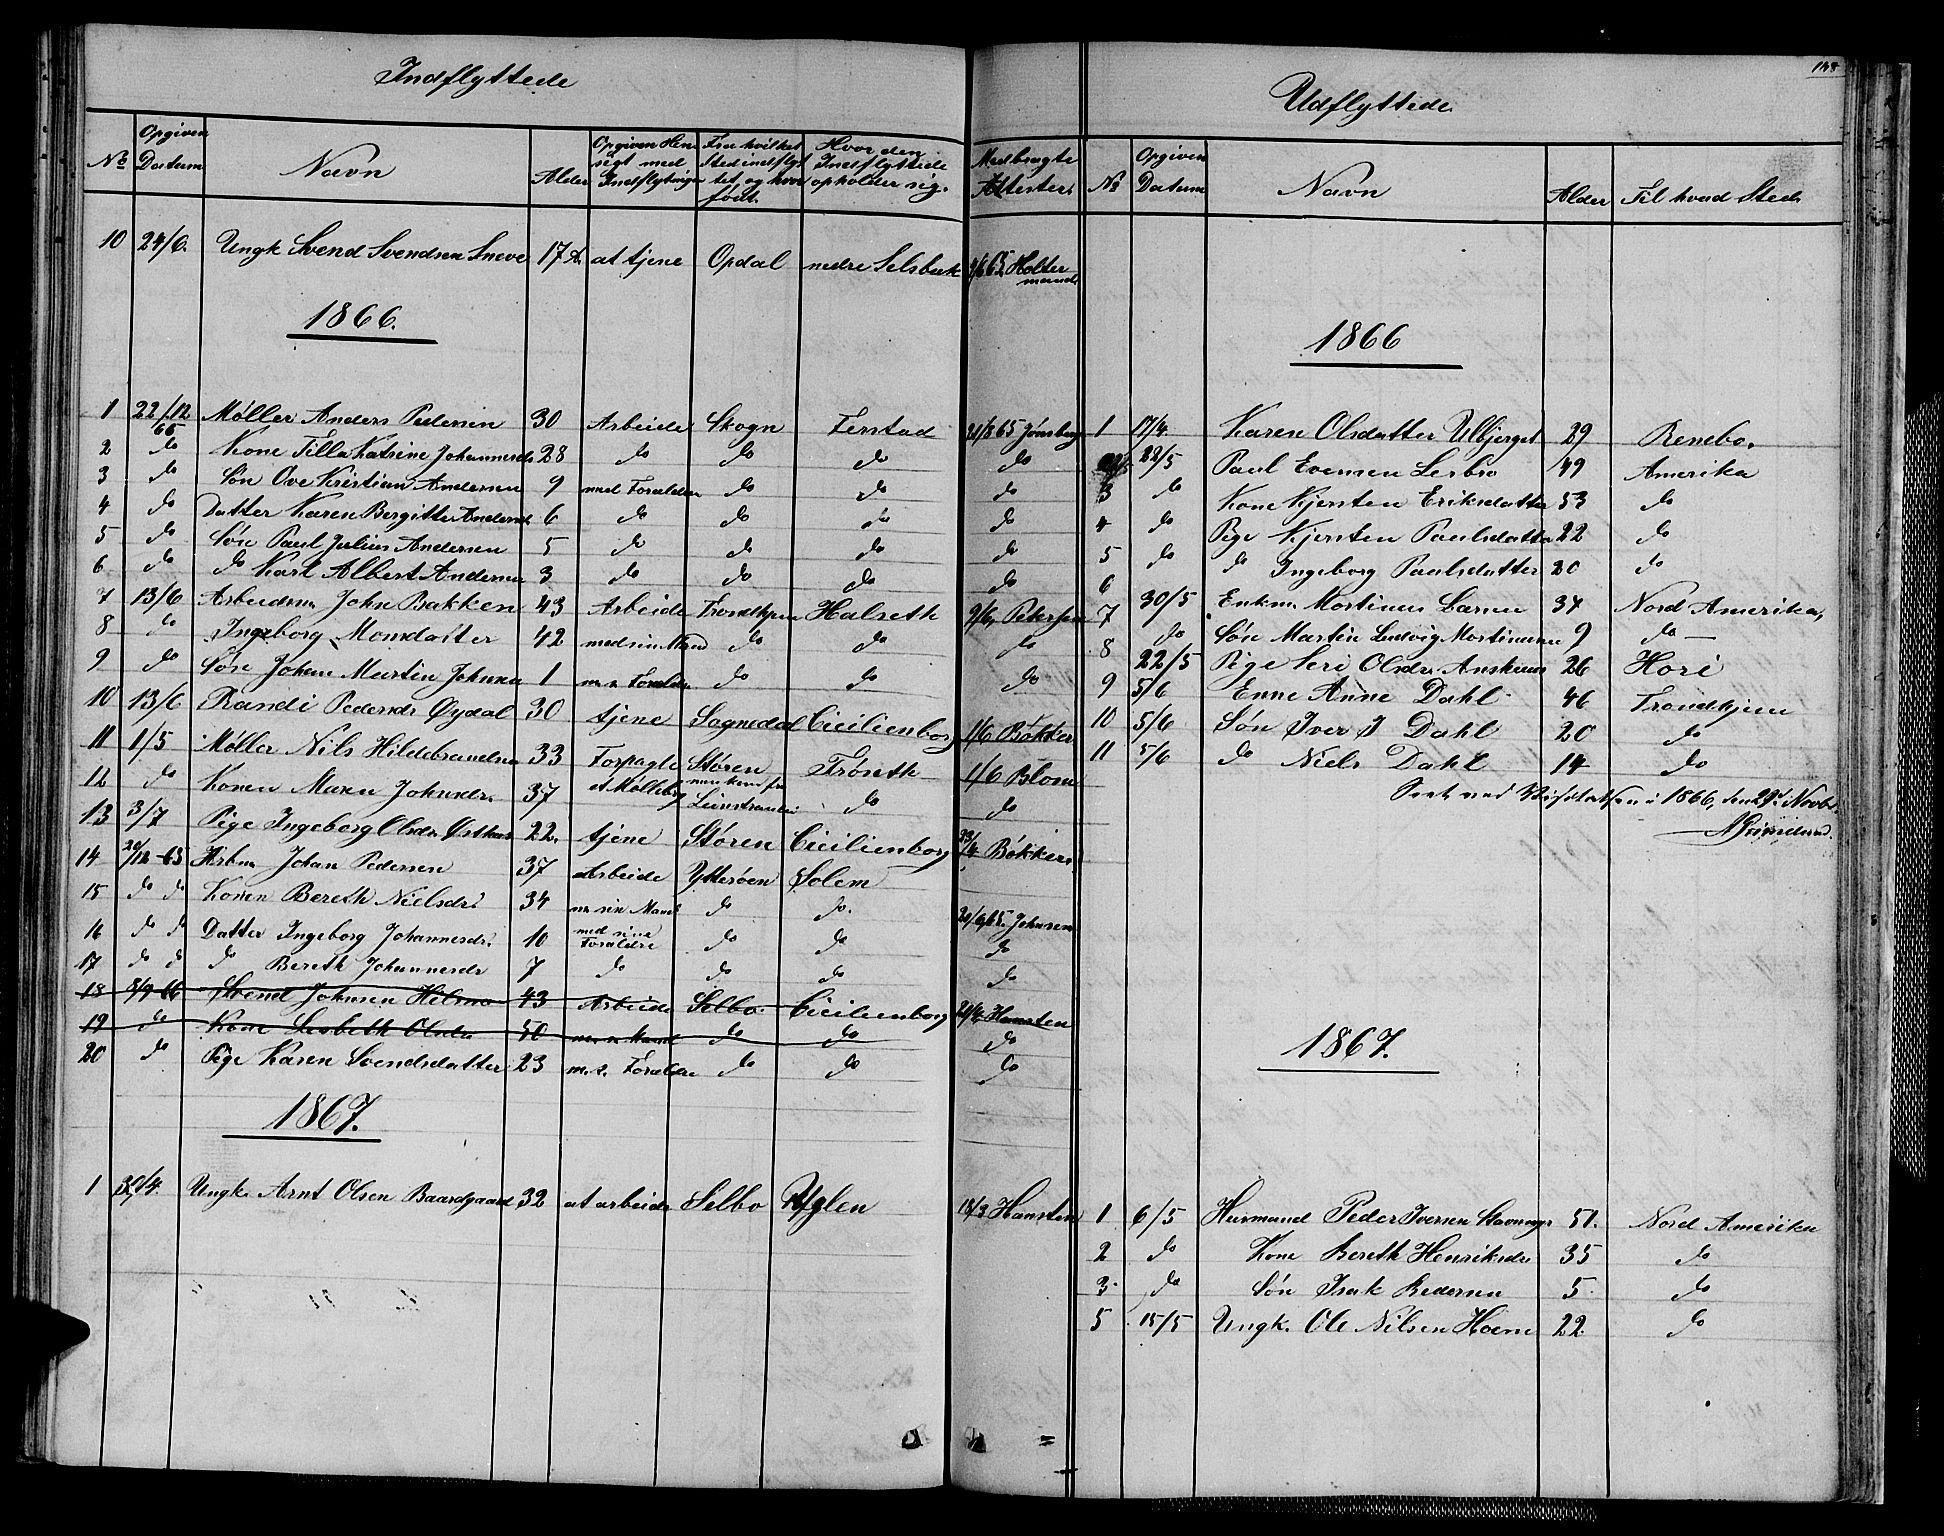 SAT, Ministerialprotokoller, klokkerbøker og fødselsregistre - Sør-Trøndelag, 611/L0353: Klokkerbok nr. 611C01, 1854-1881, s. 148